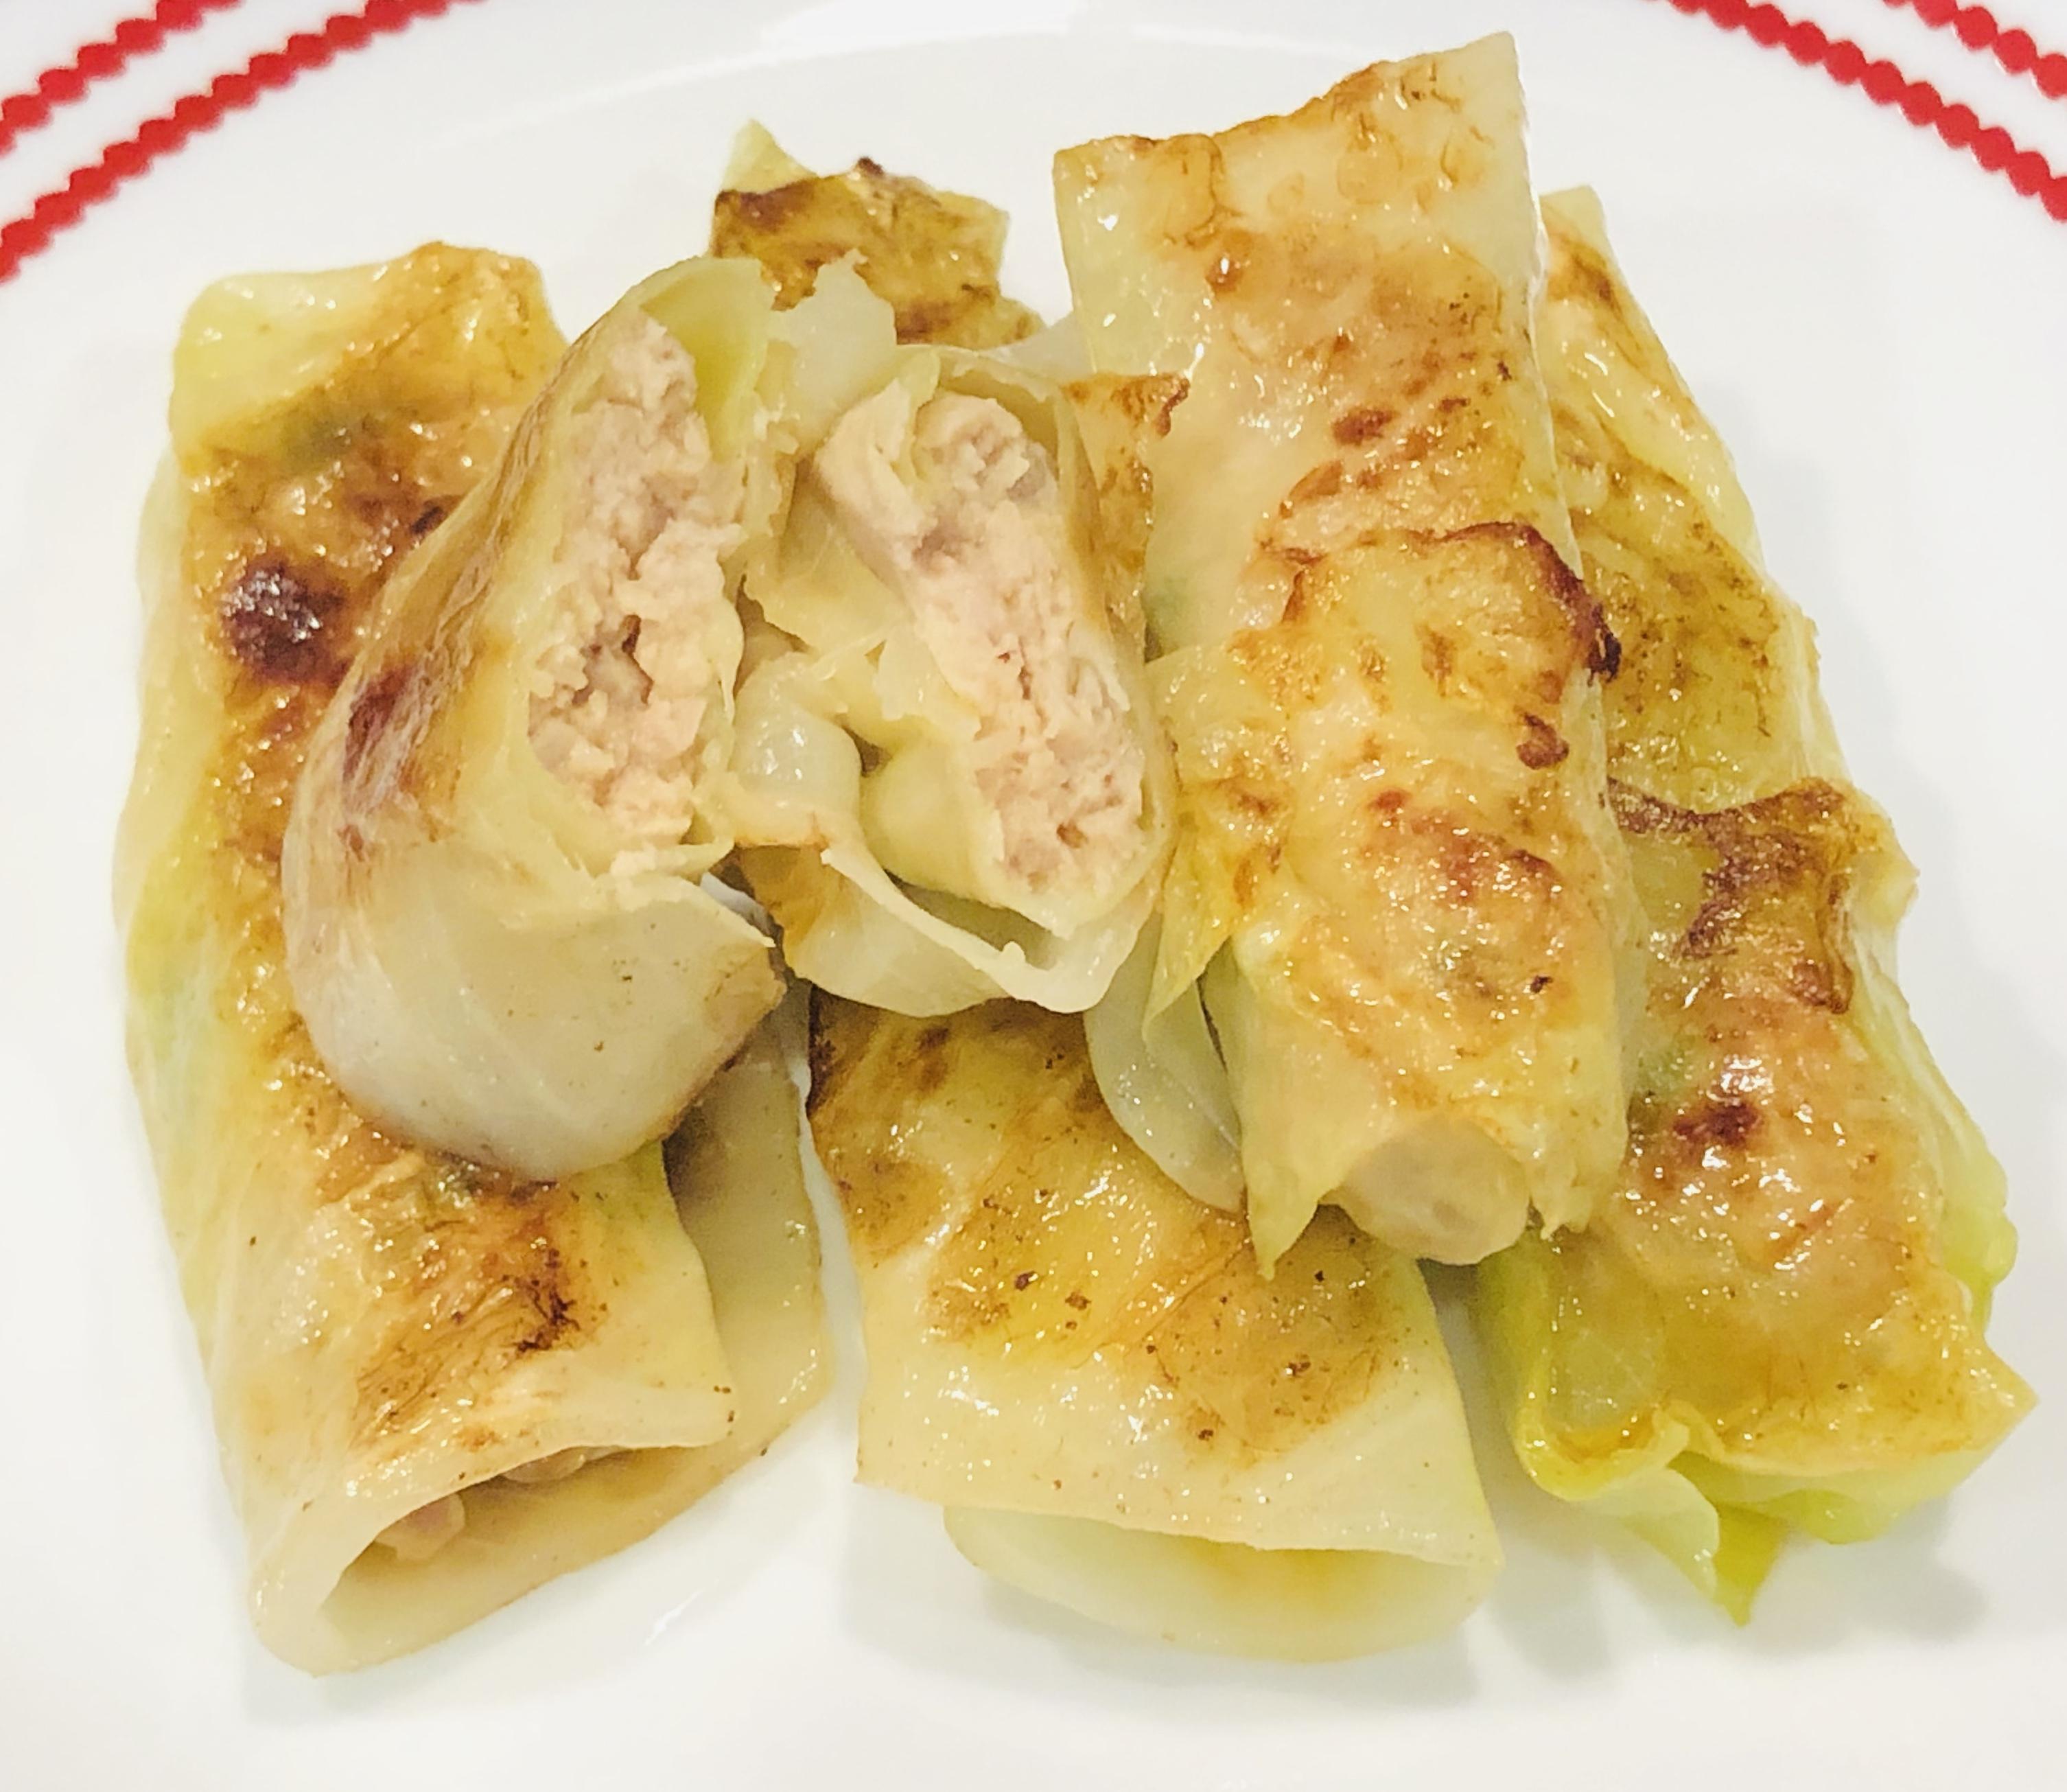 Keto Potsticker or Dumplings